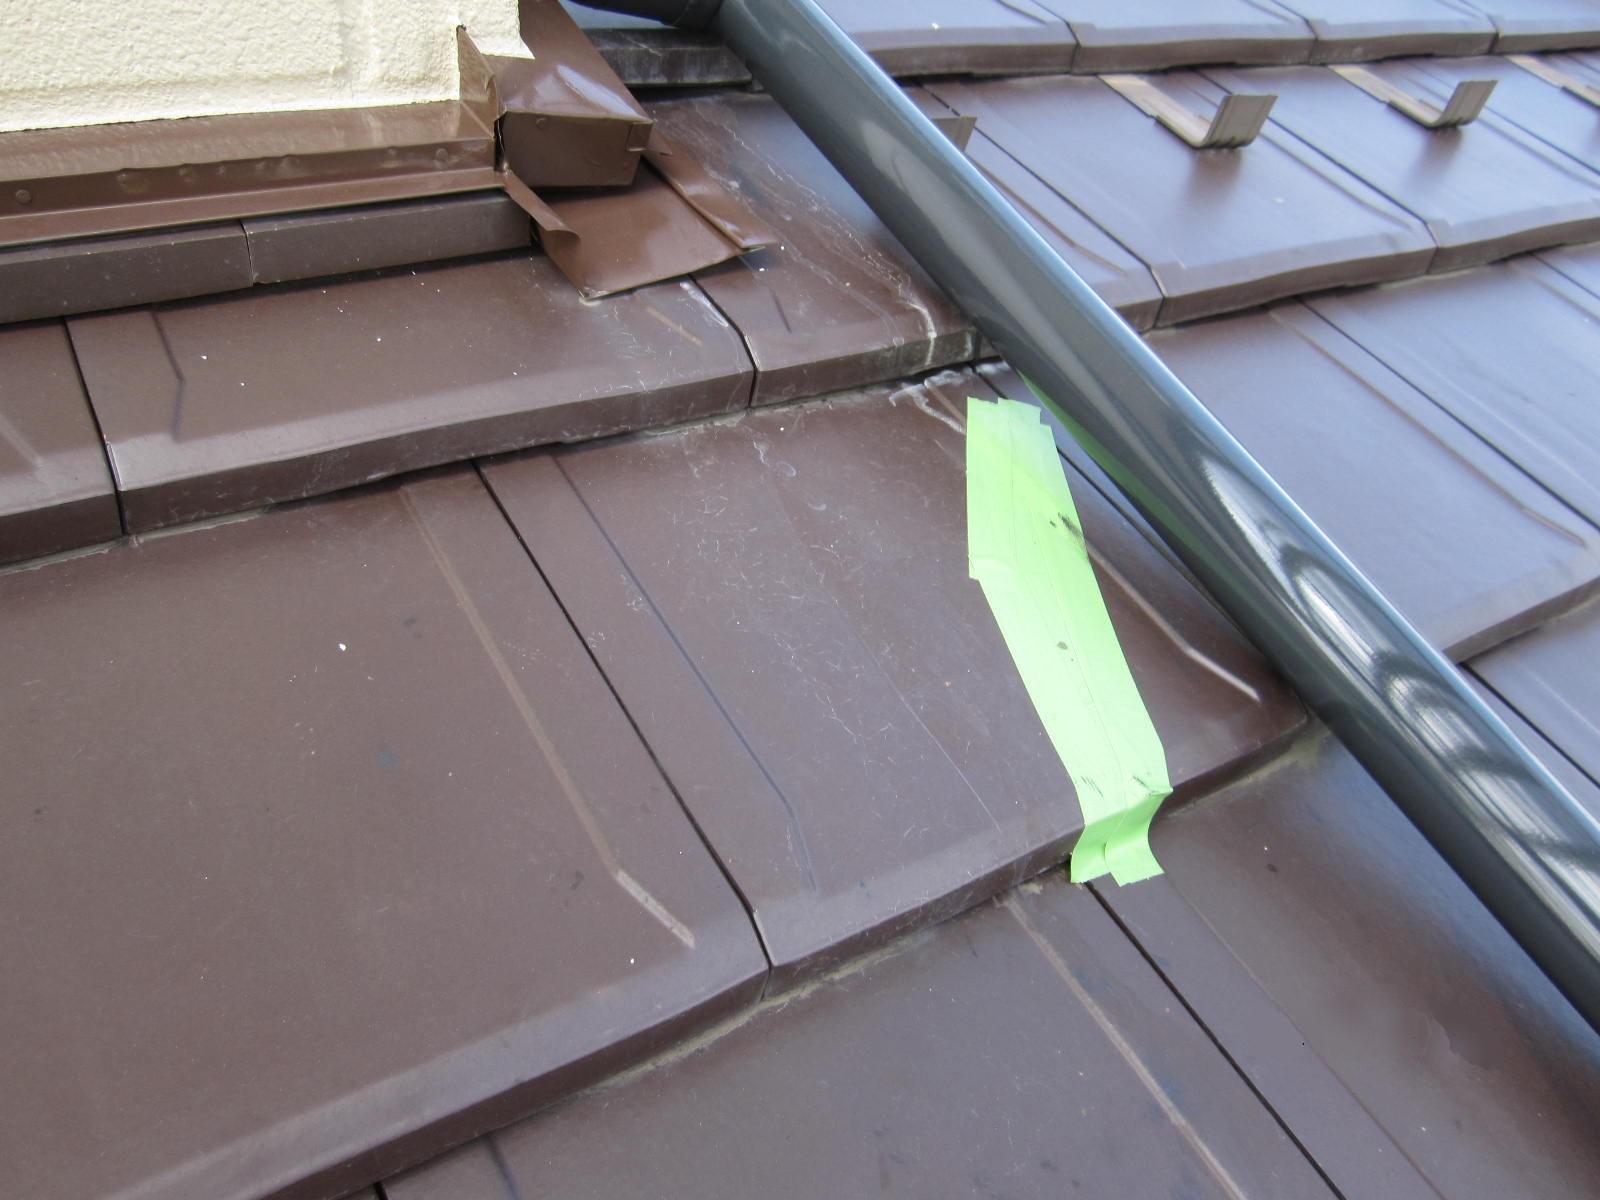 宇都宮市で洋瓦を差し替え工事を行いました